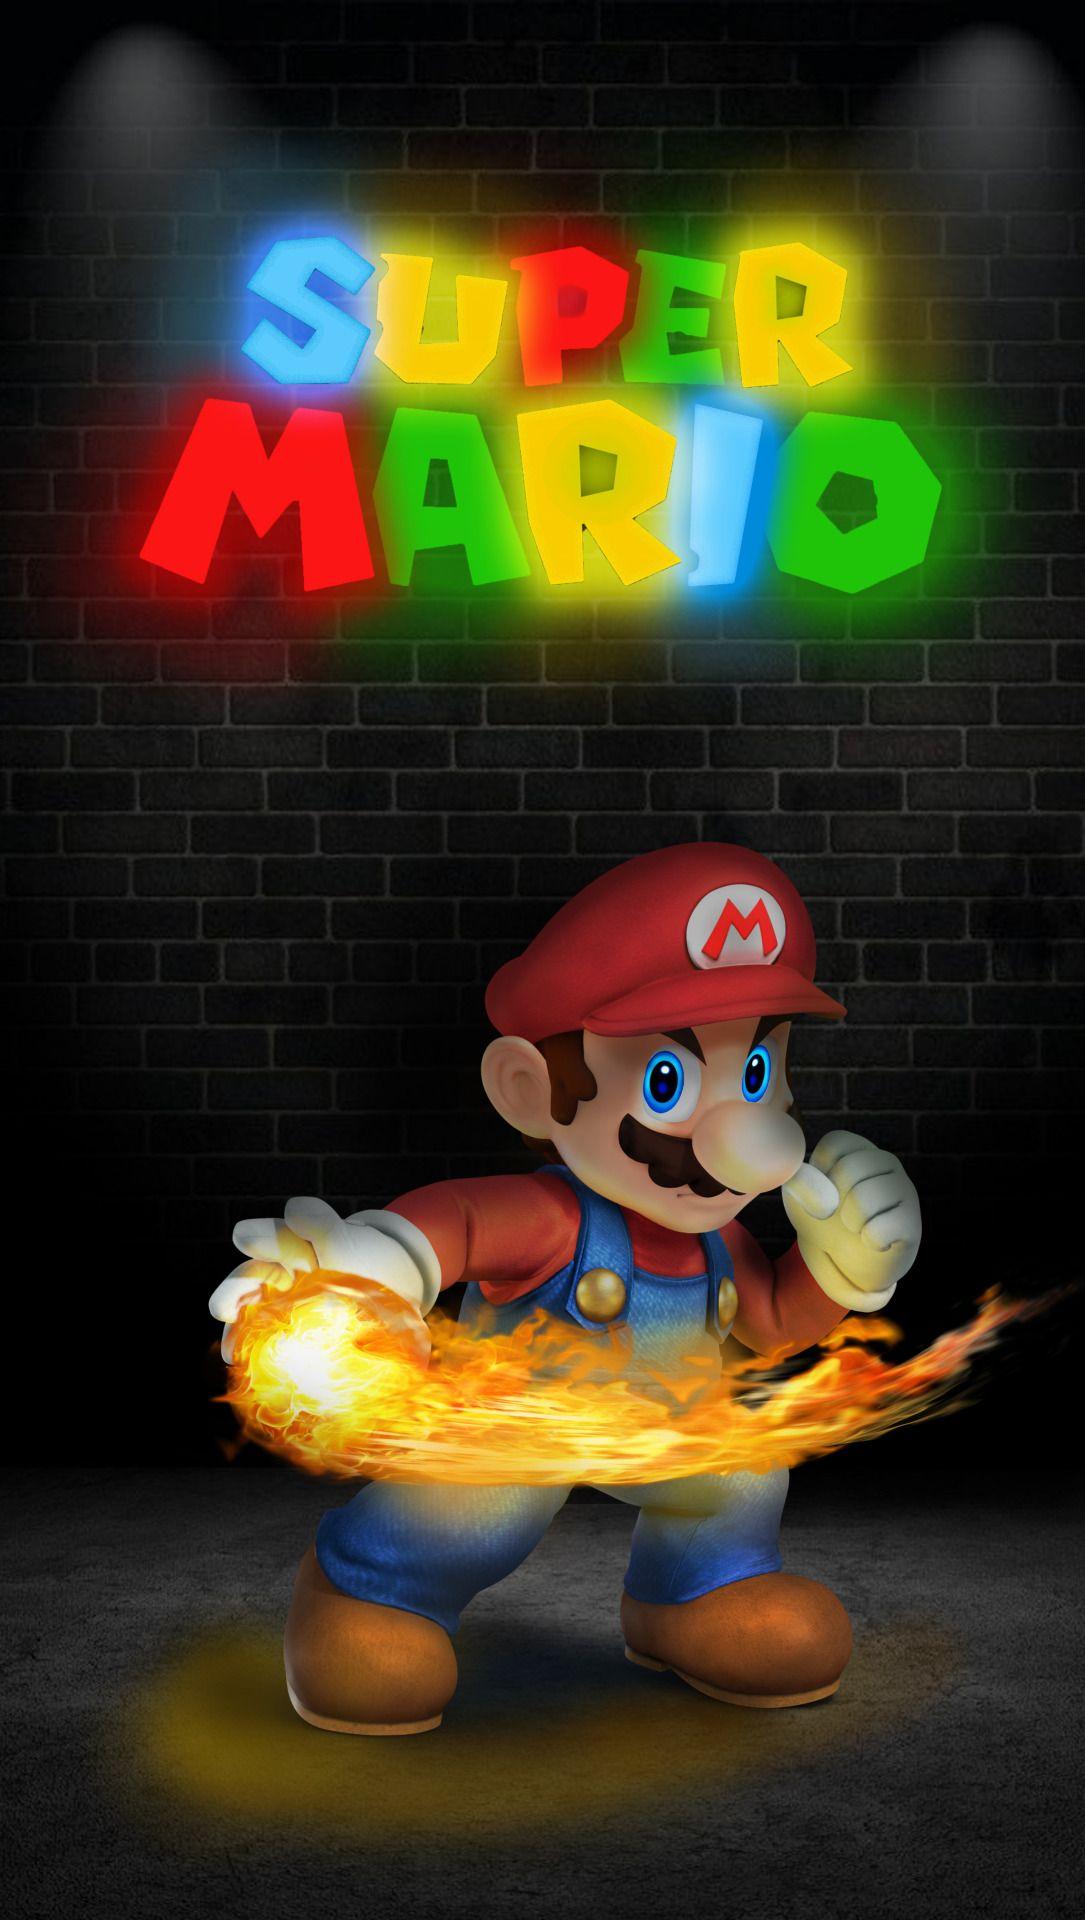 Super Mario Wallpapers Super Mario Bros Wallpapers For Mobile Phones Hd Super Mario Art Mario Bros Super Mario